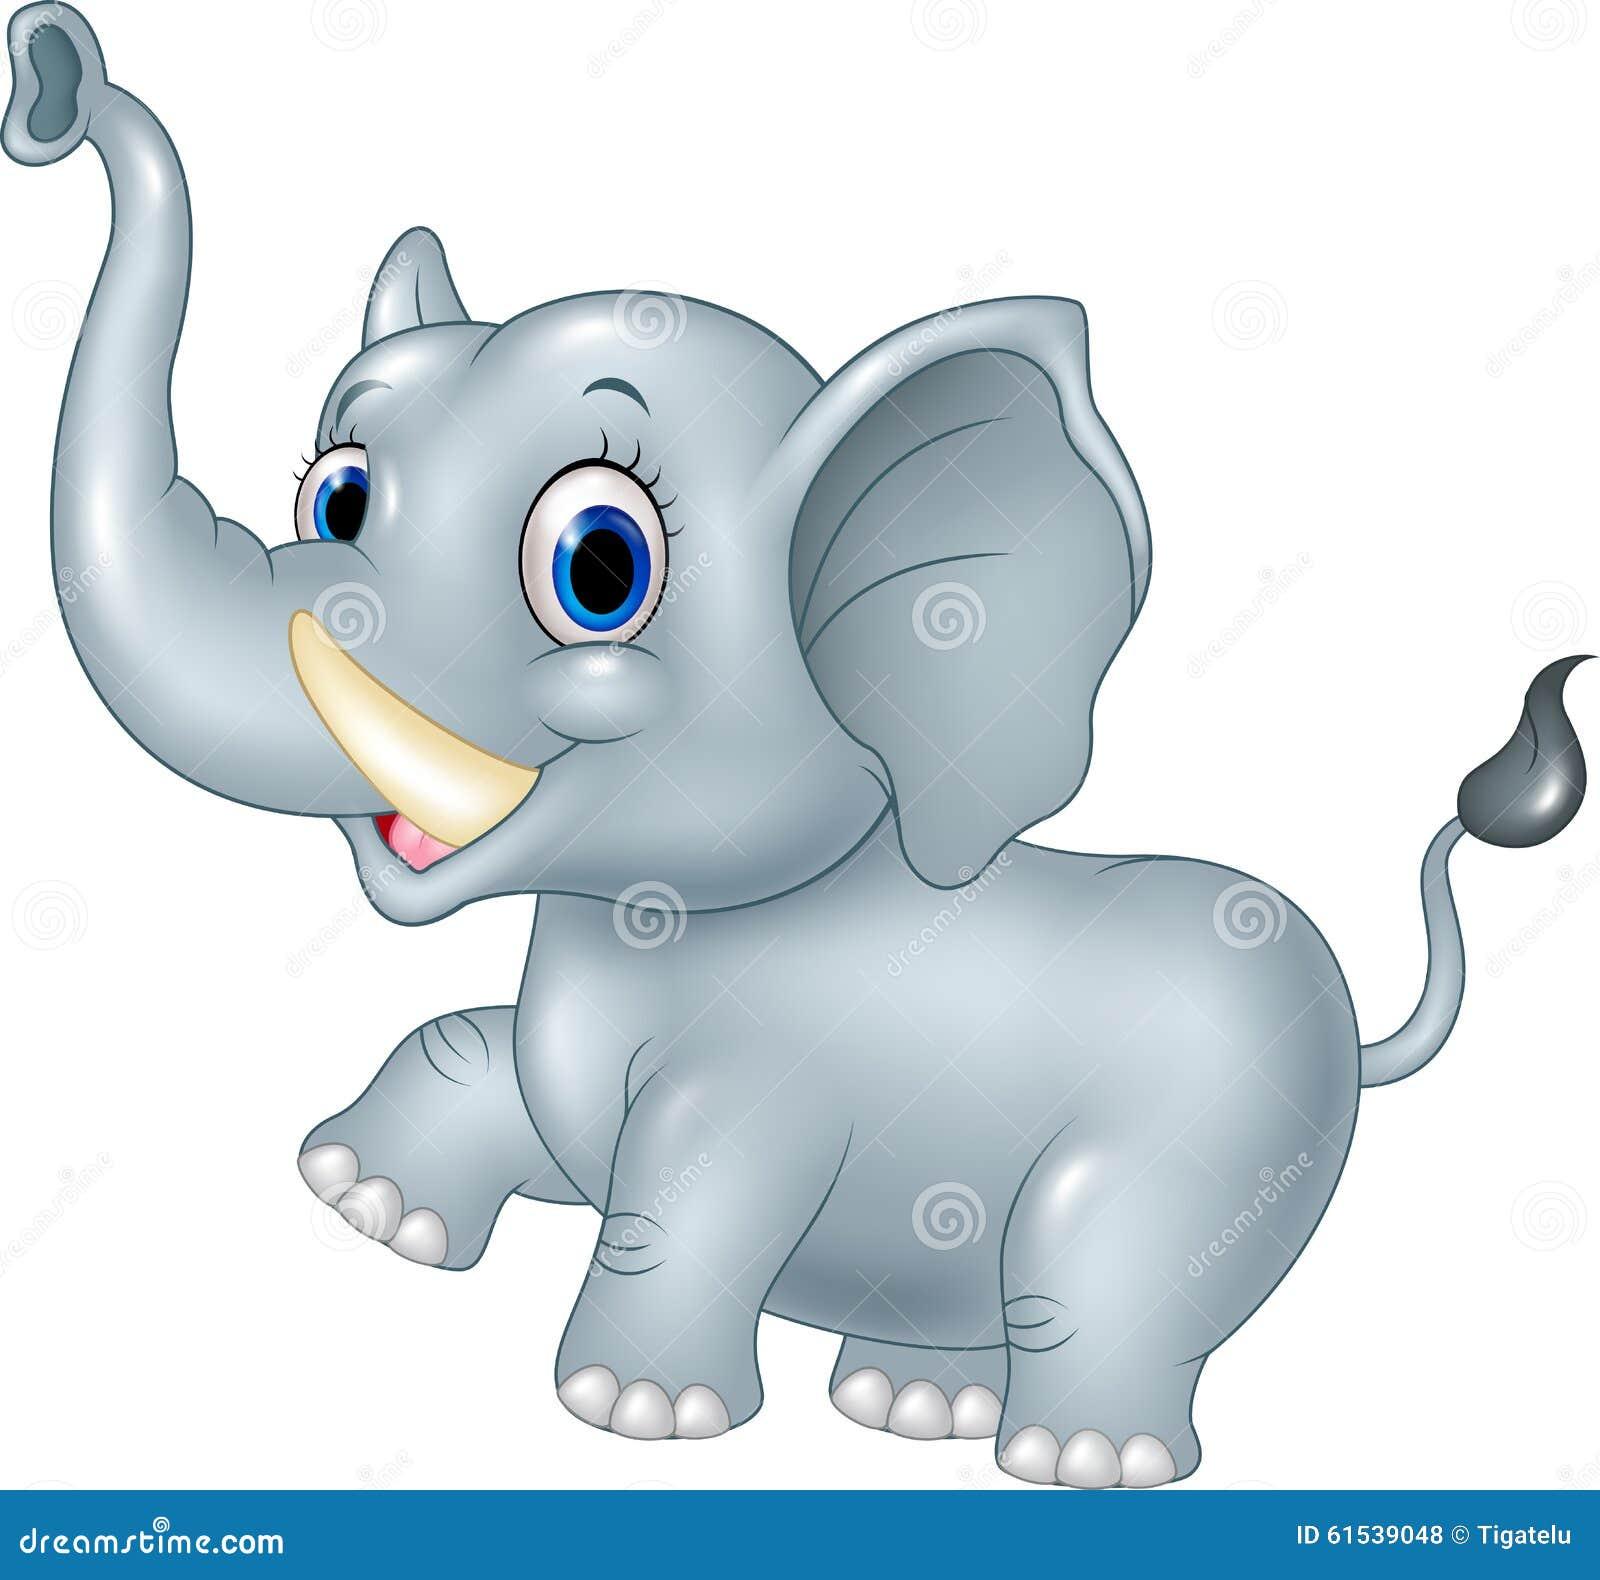 Cartoon Funny Baby Elephant On White Background Stock